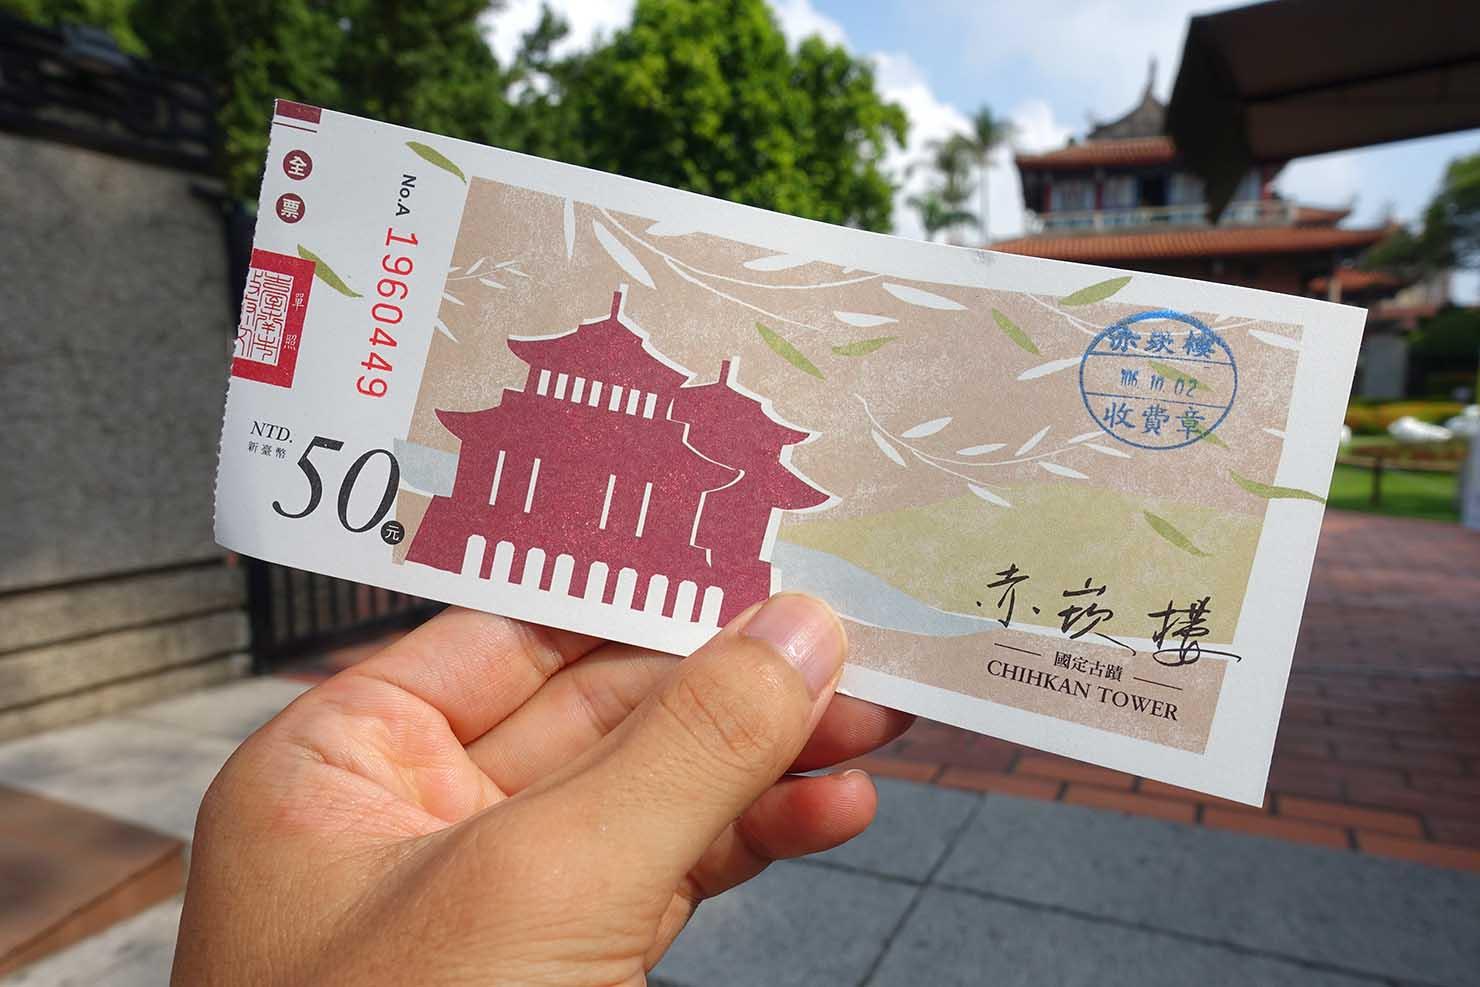 台湾の古都・台南のおすすめ観光スポット「赤崁樓」のチケット